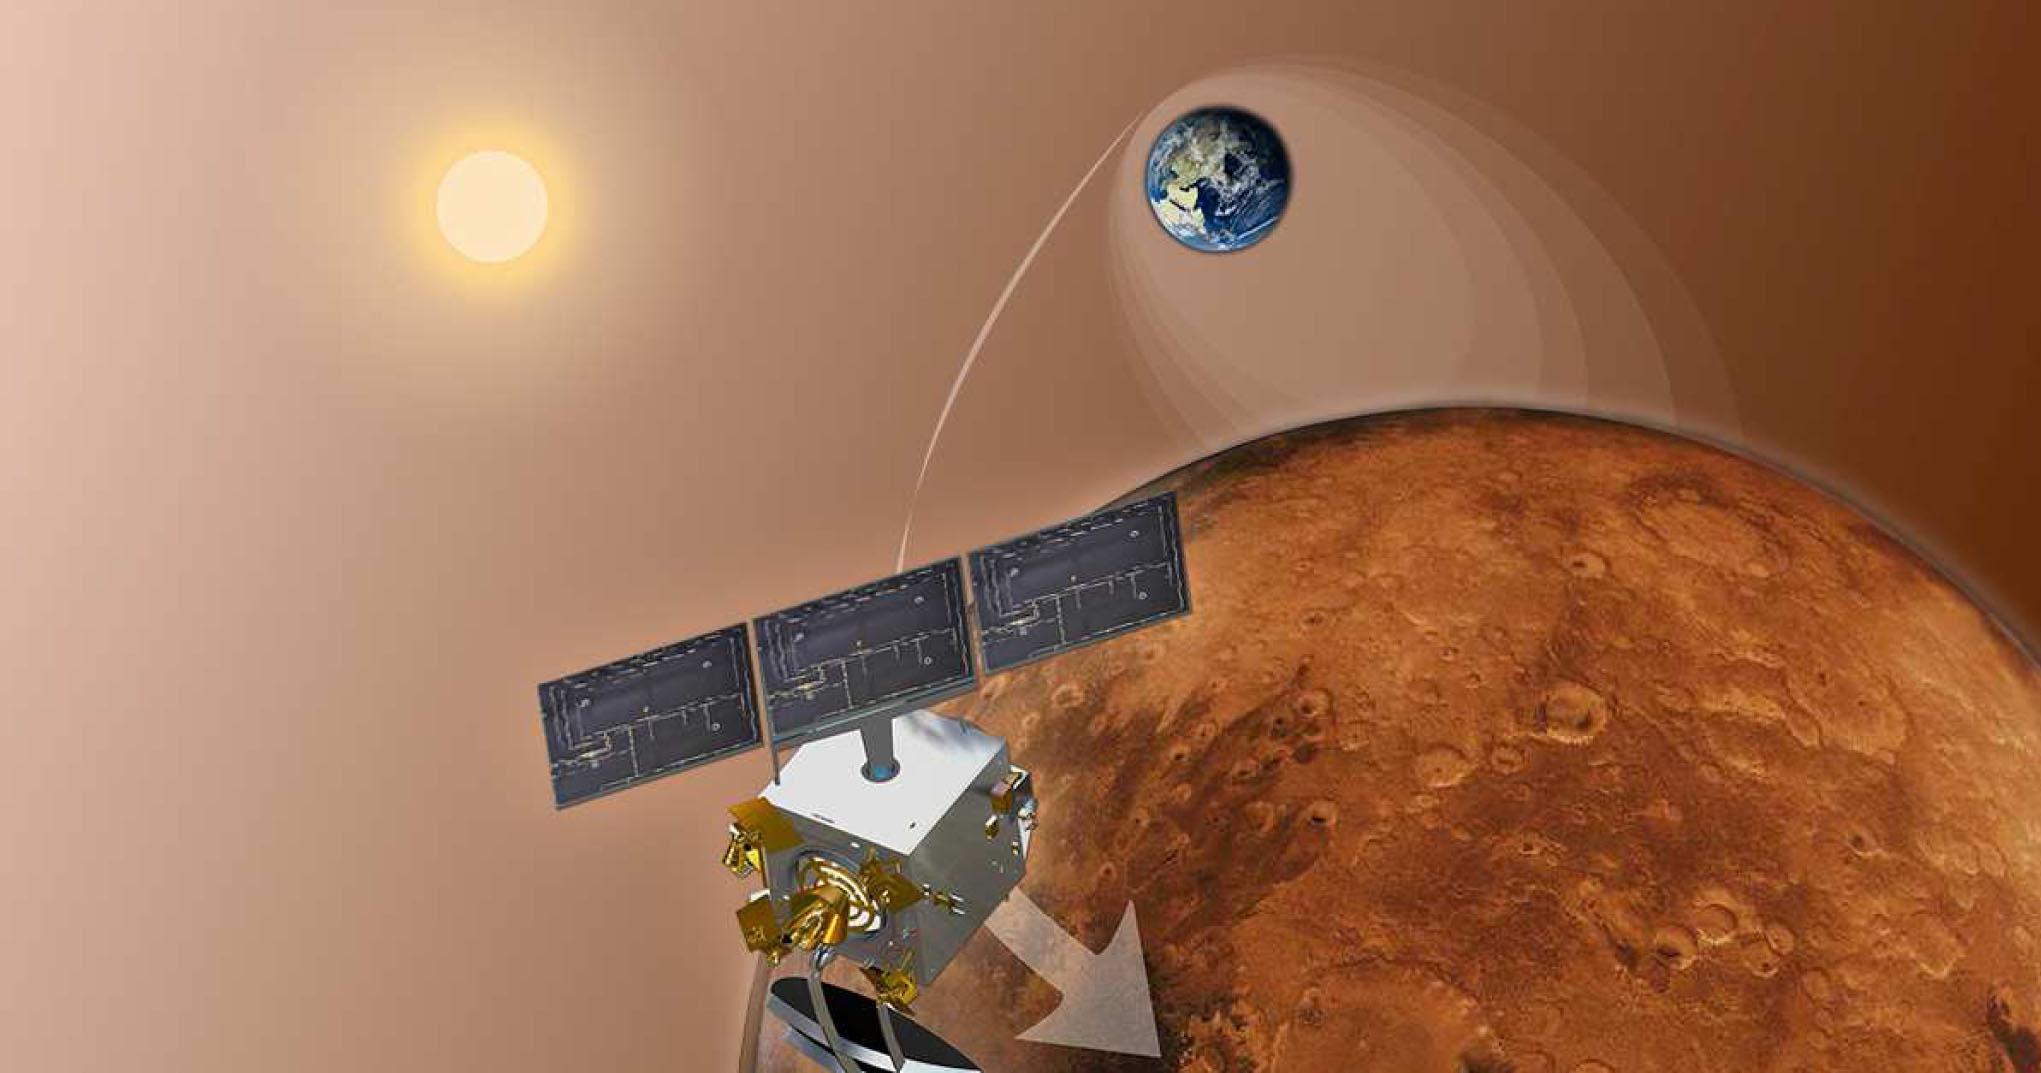 Cette image représente le voyage de la mission indienne Mars Orbiter, la première mission interplanétaire du pays.  L'orbiteur indien de Mars arrivera sur la planète rouge le mercredi 24 septembre, heure normale de l'Inde (mardi 23 septembre, heure de l'Est des États-Unis).